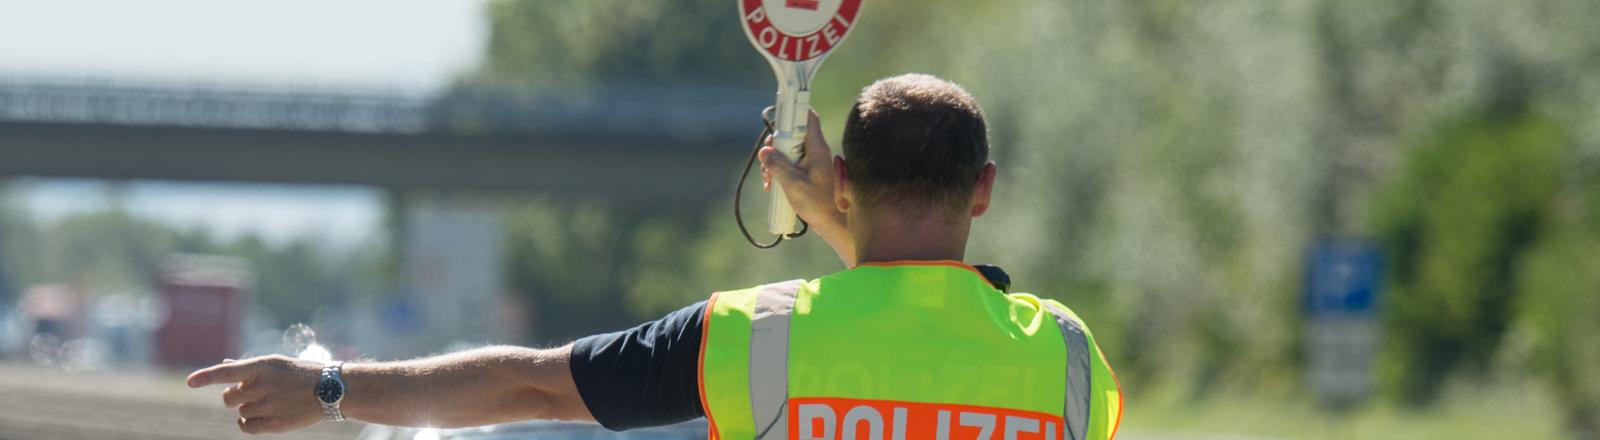 Ein Bundespolizist hält am 17.09.2015 an einer Kontrollstelle an der Autobahn A 3 kurz hinter der deutsch-österreichischen Grenze nahe Pocking (Bayern) ein Fahrzeug an.